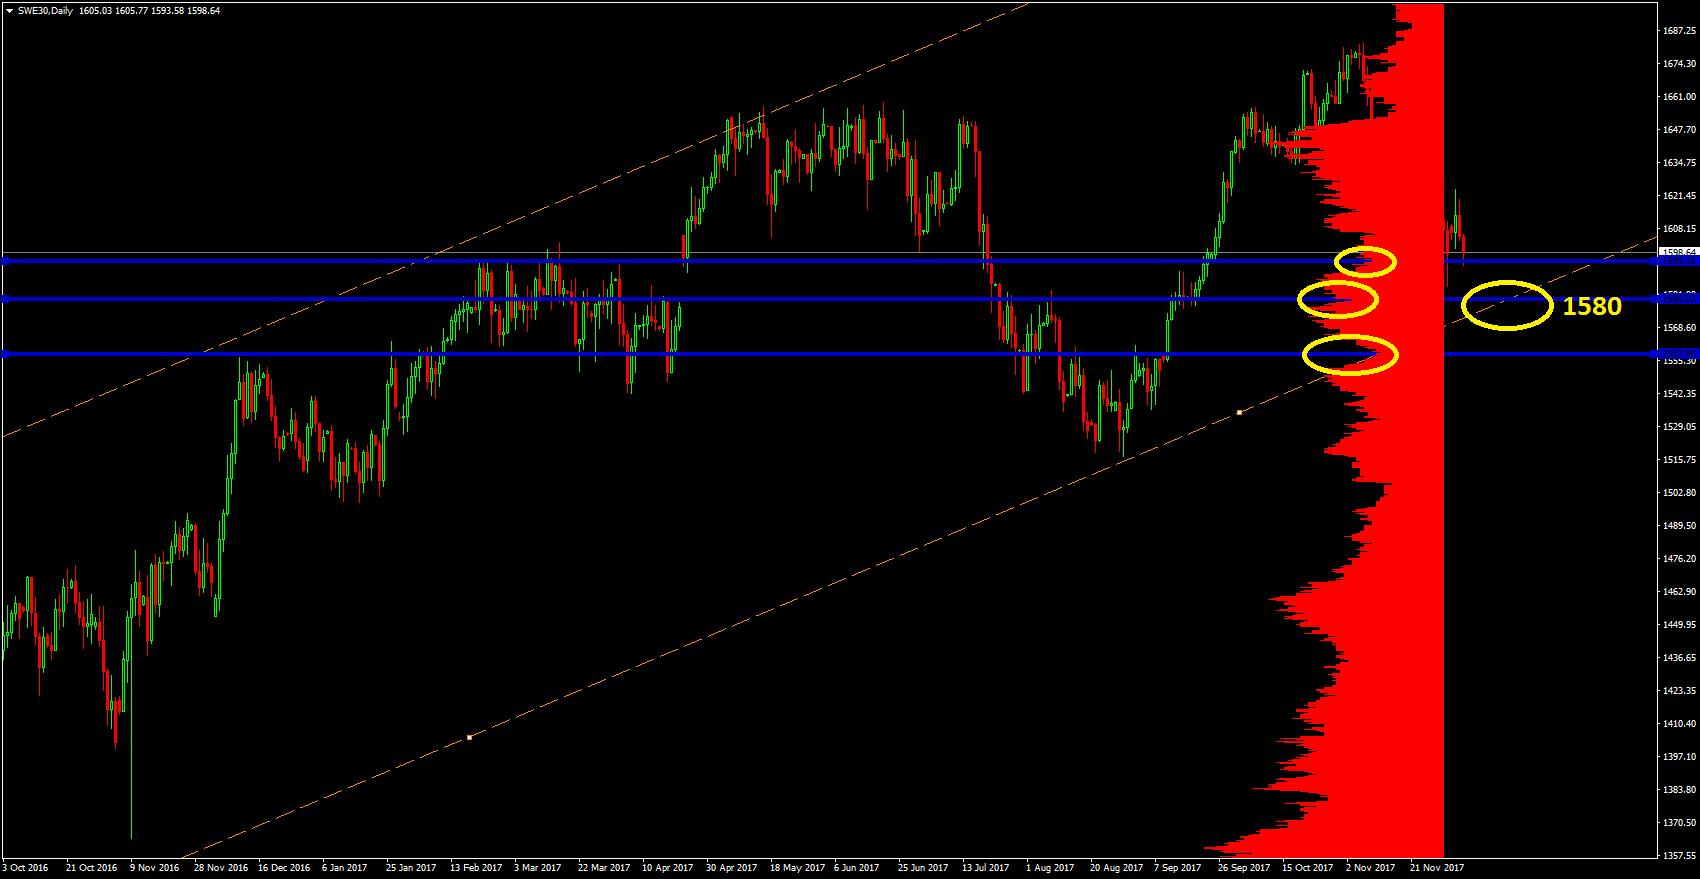 Market profile visar att vi är nu vid en viktig nivå men att nivån under 1580 även sammanfaller med en rimlig stigande trendlinje. UNder runt 1557.ish ser vi också ett intressant utbudsområde. Och kollar vi ännu lägre finns 1532 samt 1505-ish.